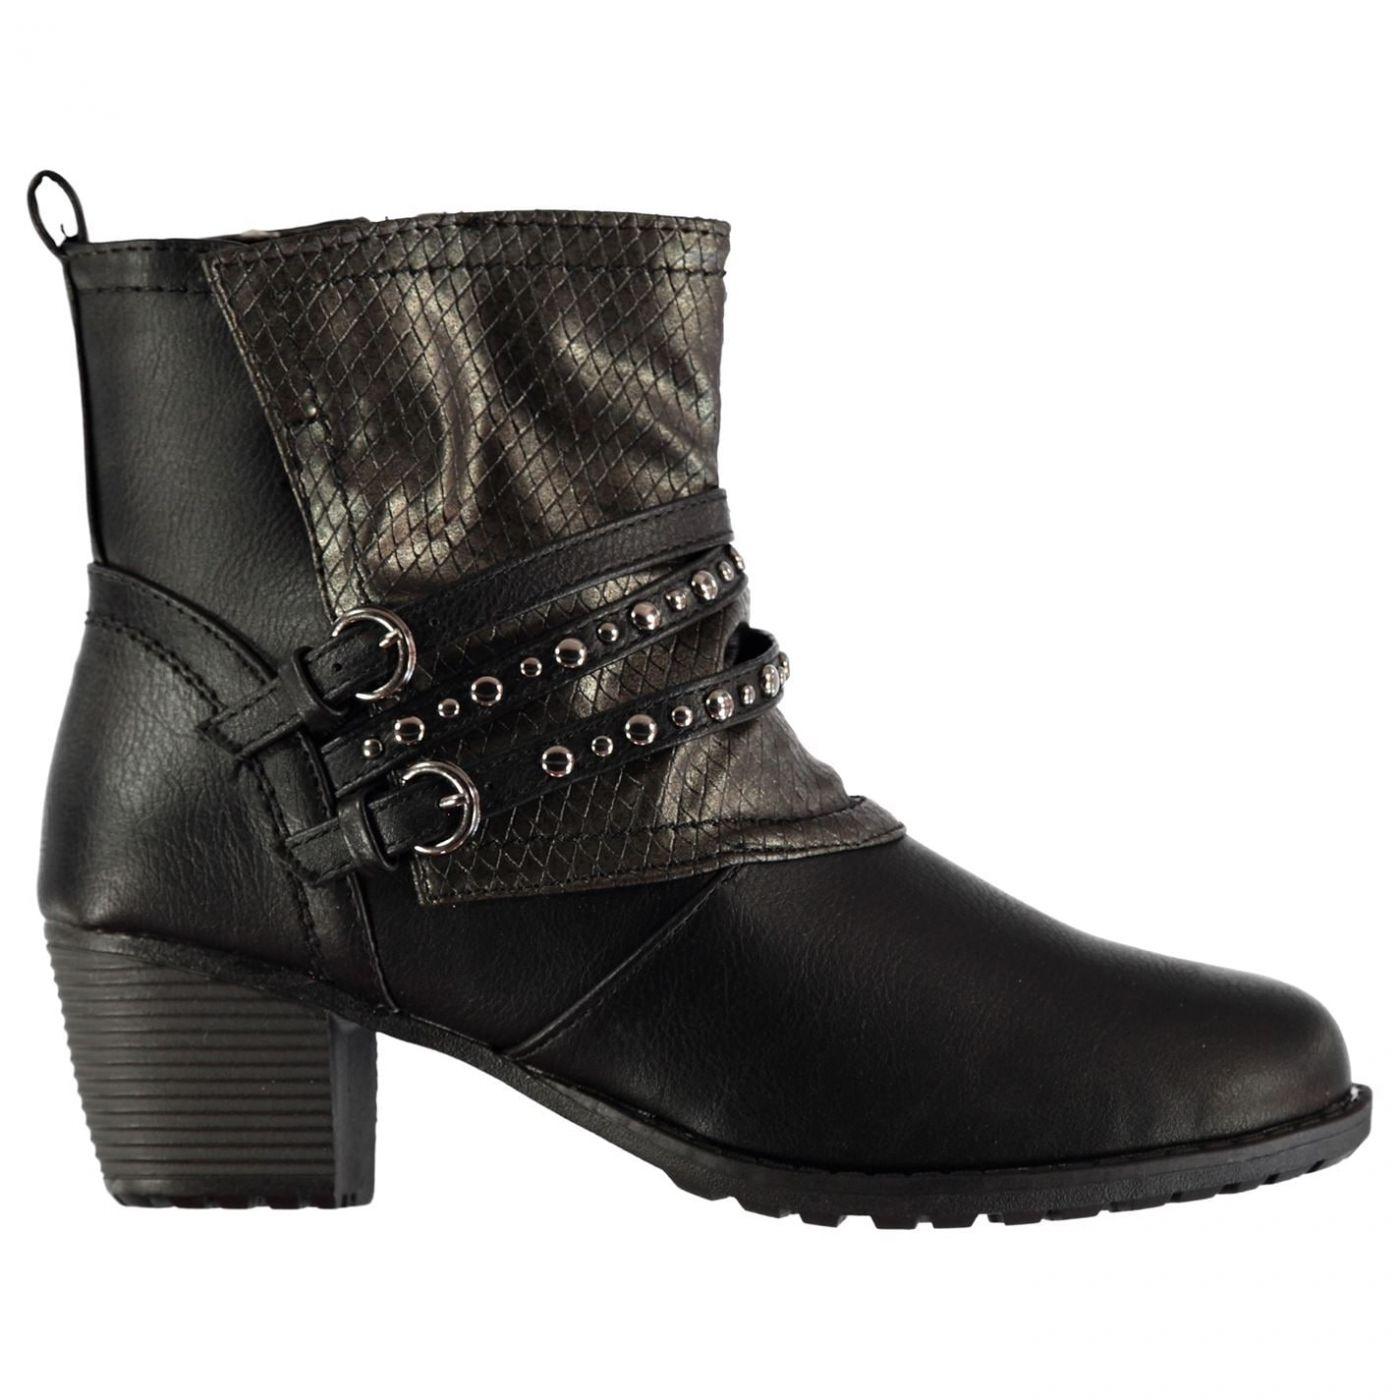 Topway Buckle Boots Ladies